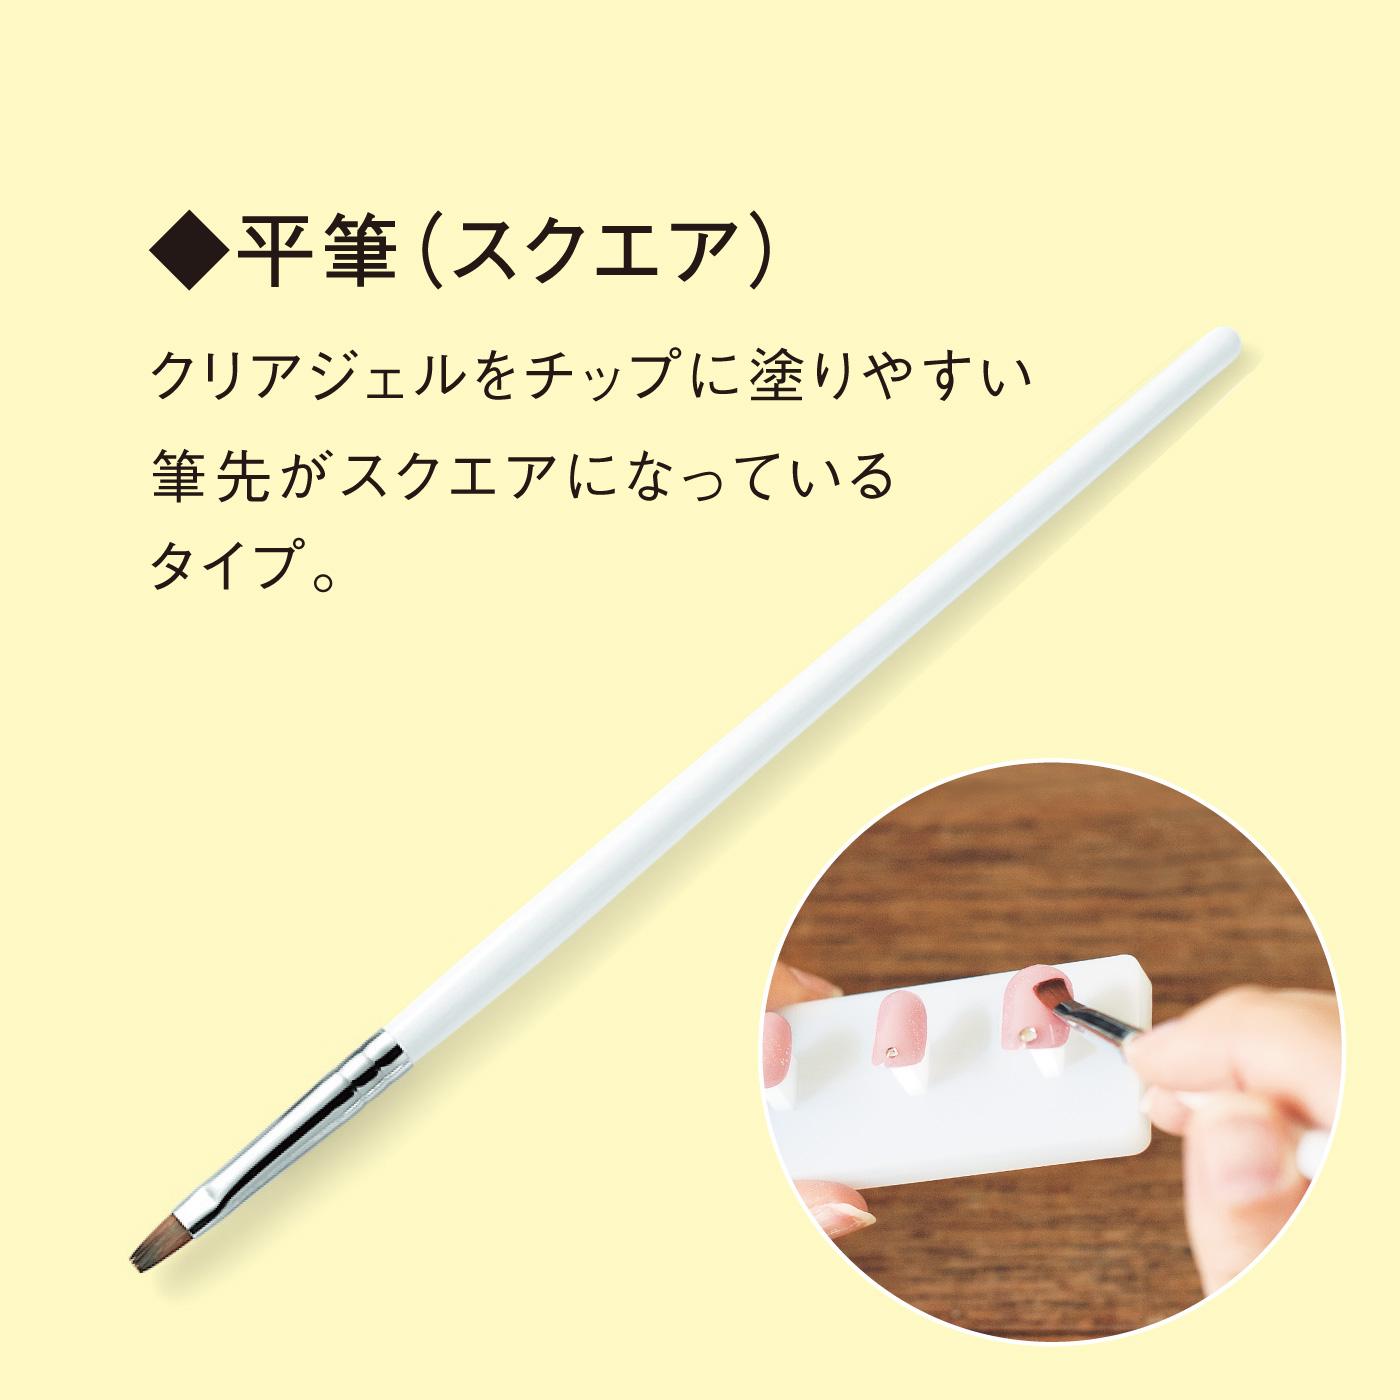 平筆(スクエア)クリアジェルをチップに塗りやすい筆先がスクエアになっているタイプ。